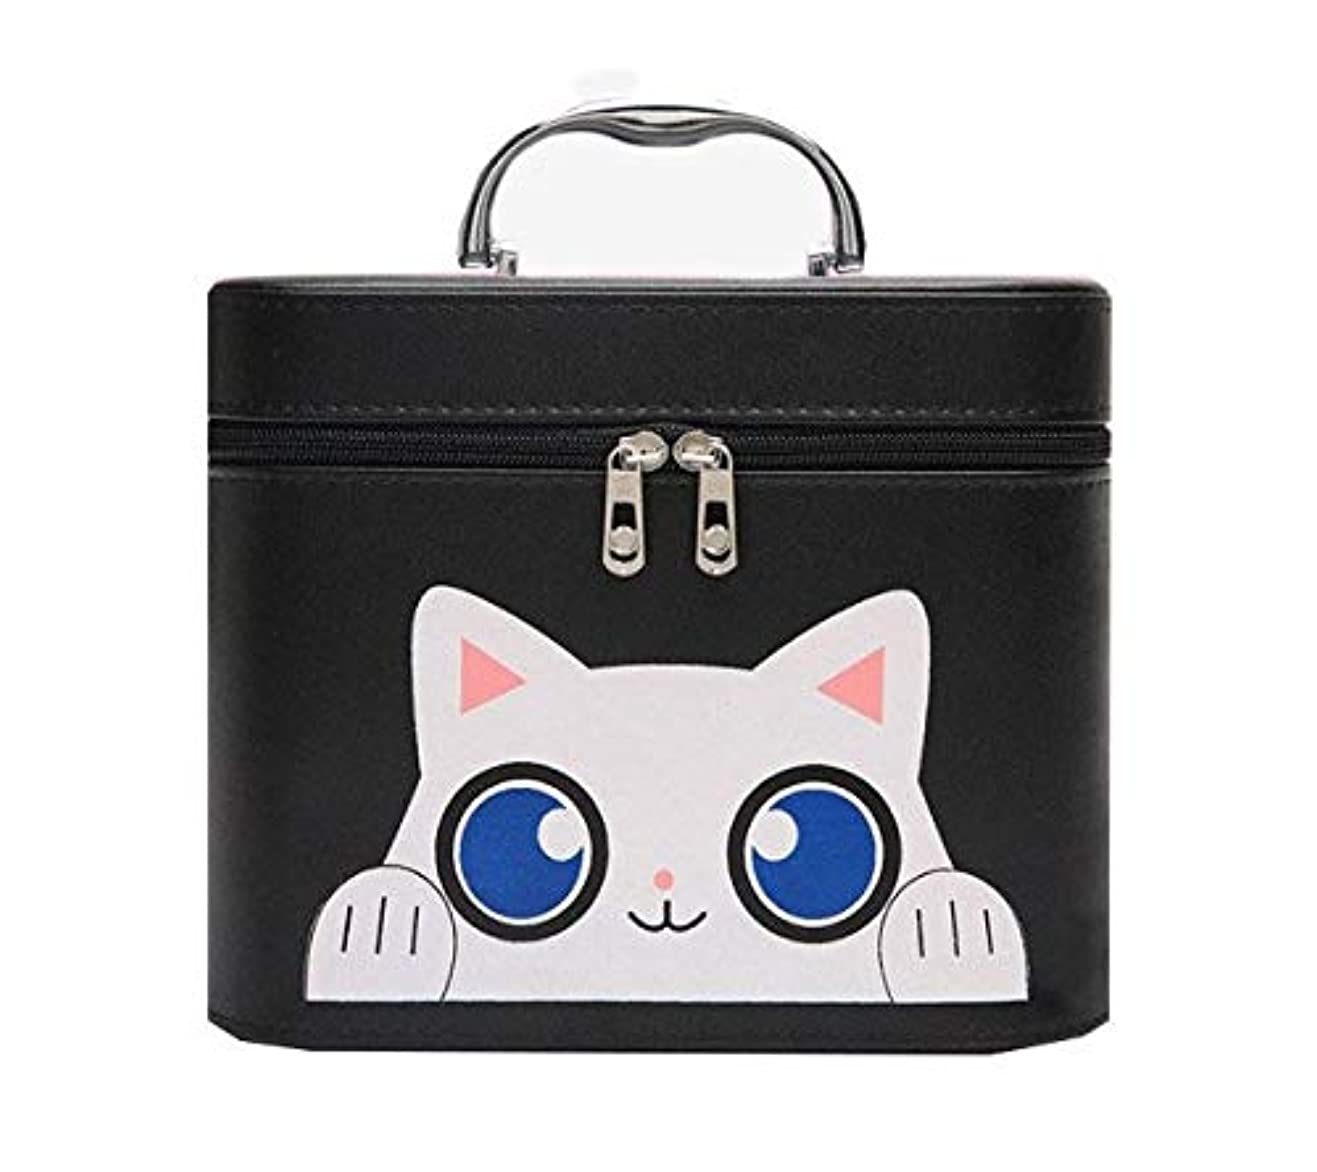 マンハッタン罹患率贅沢化粧箱、黒漫画猫化粧品ケース、ポータブル旅行化粧品ケース、美容ネイルジュエリー収納ボックス (Size : L)